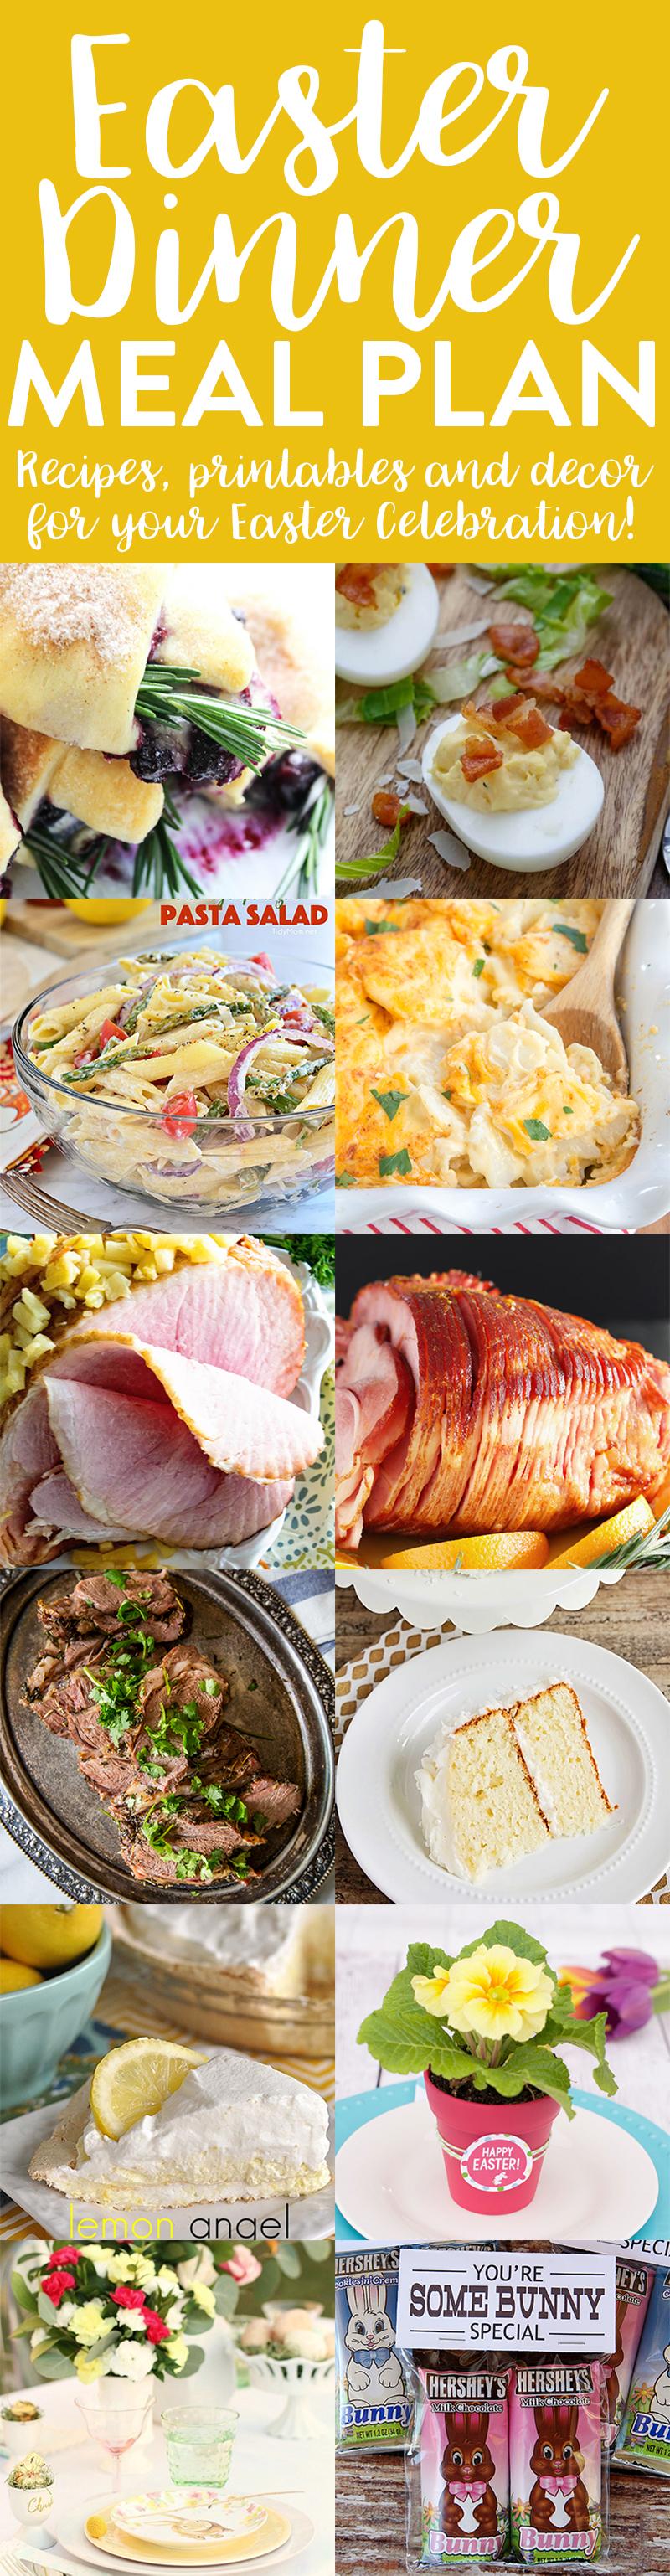 Easter Dinner Meal Plan